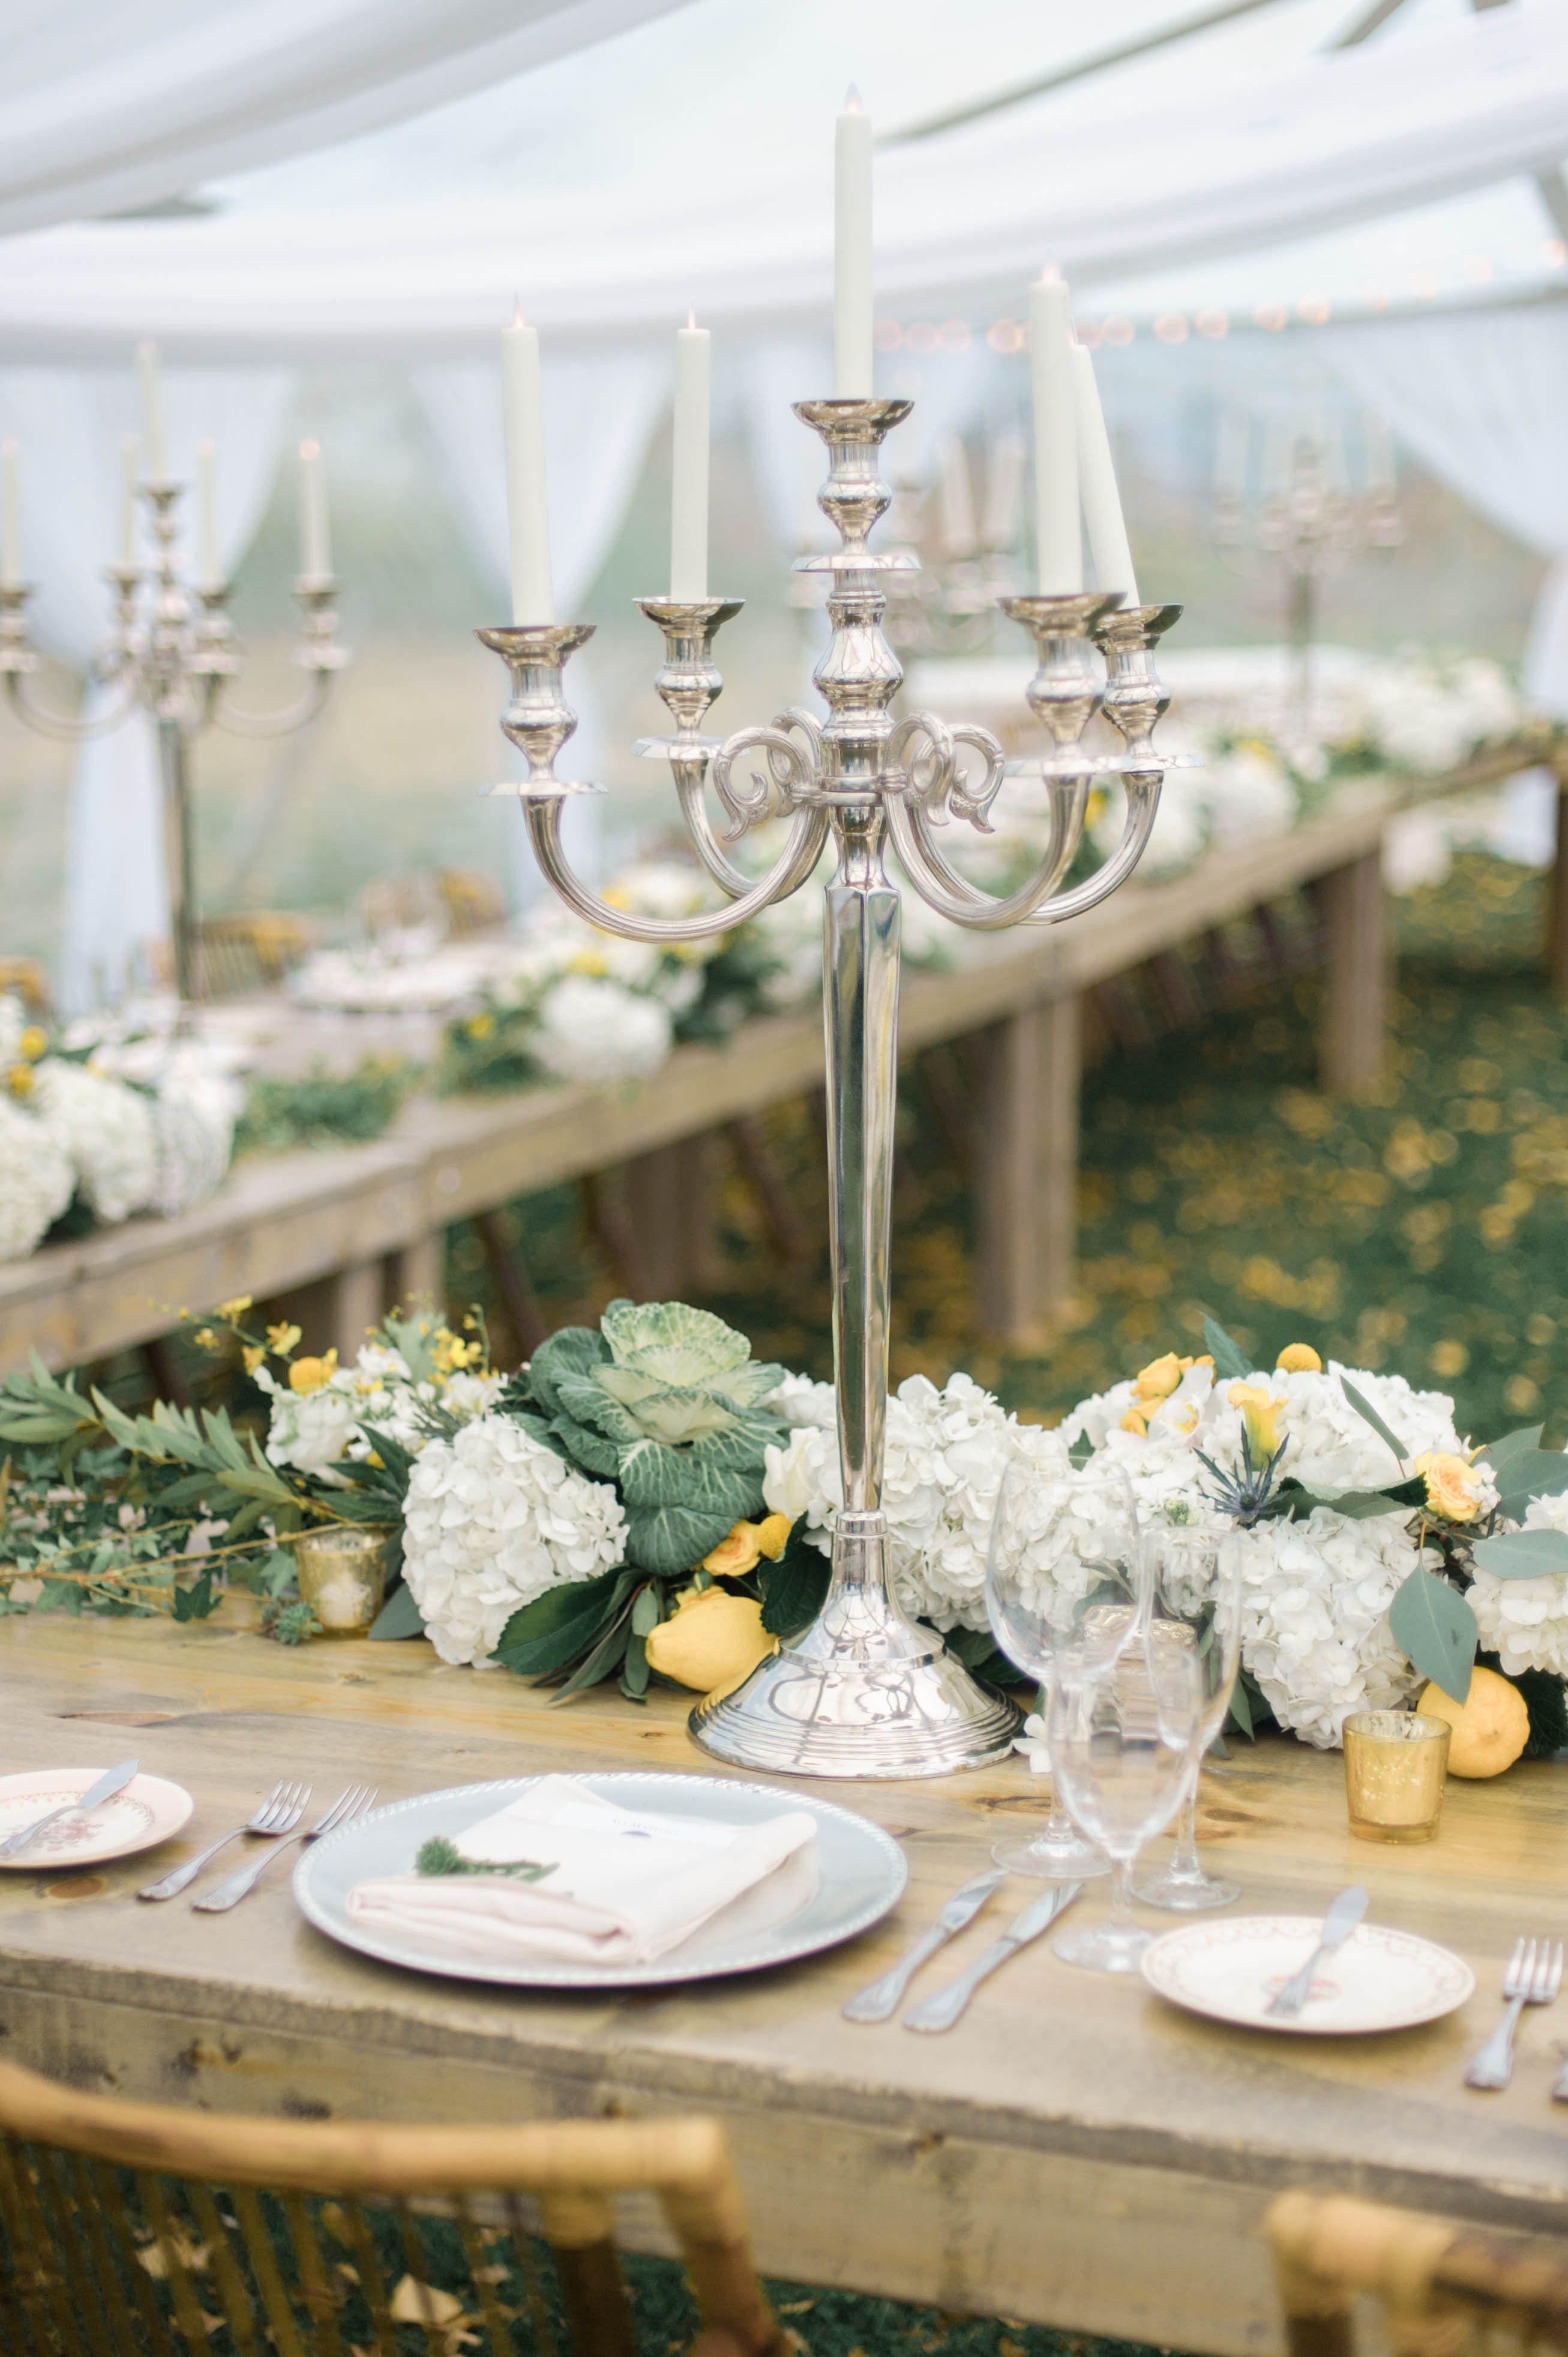 Las bodas al aire libre son relajadas y llenas de romance, diversión y amor en perfecta armoniía con el entorno